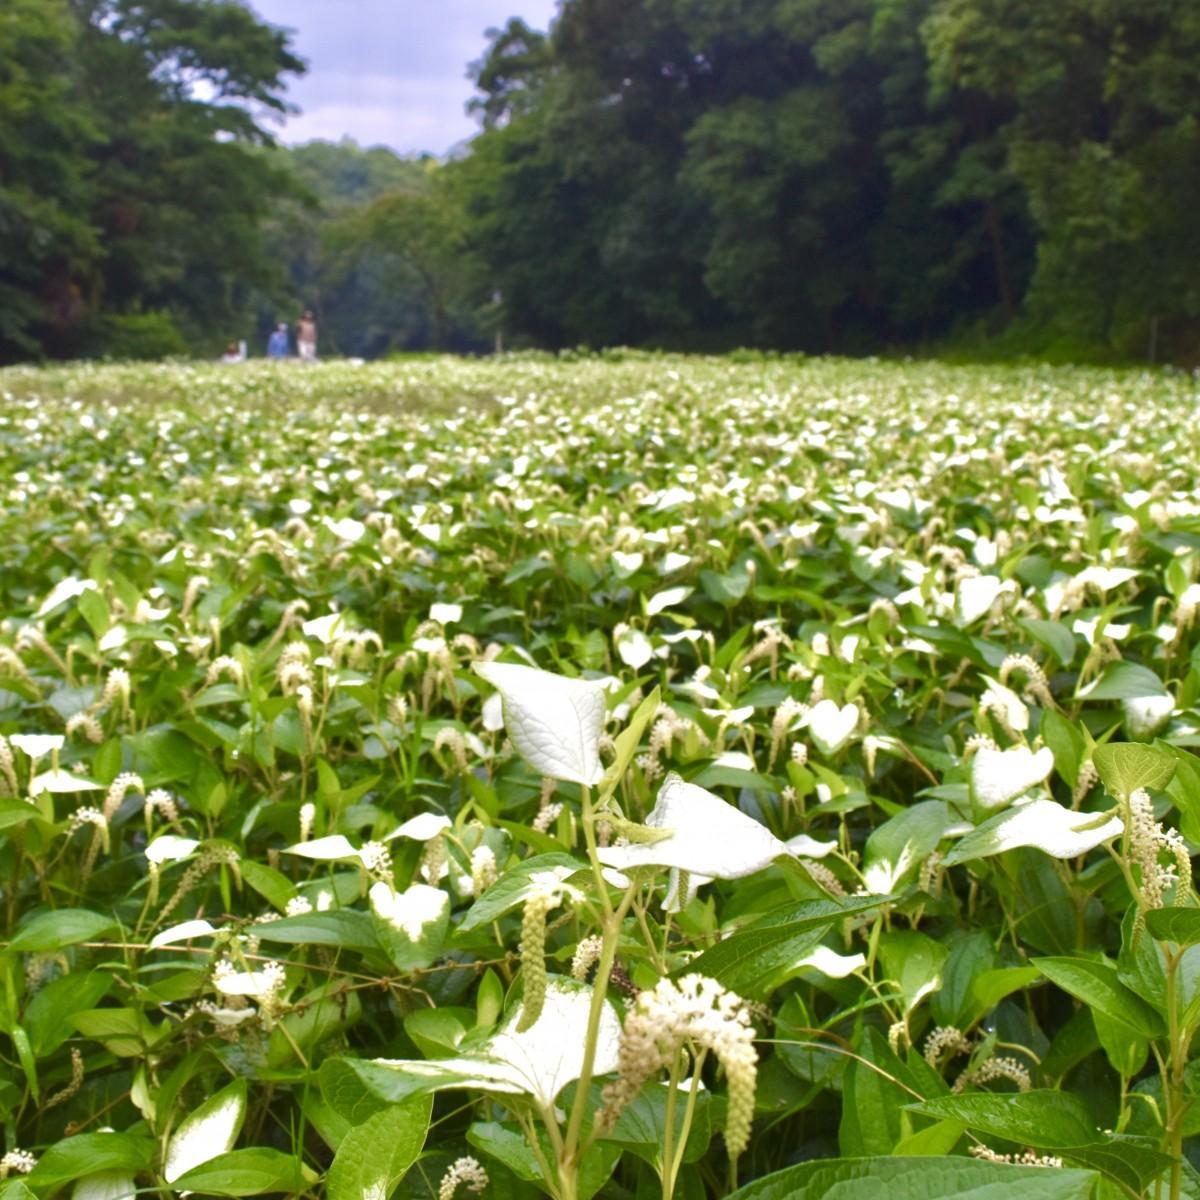 白い葉を楽しめる「うーたの里」のハンゲショウ